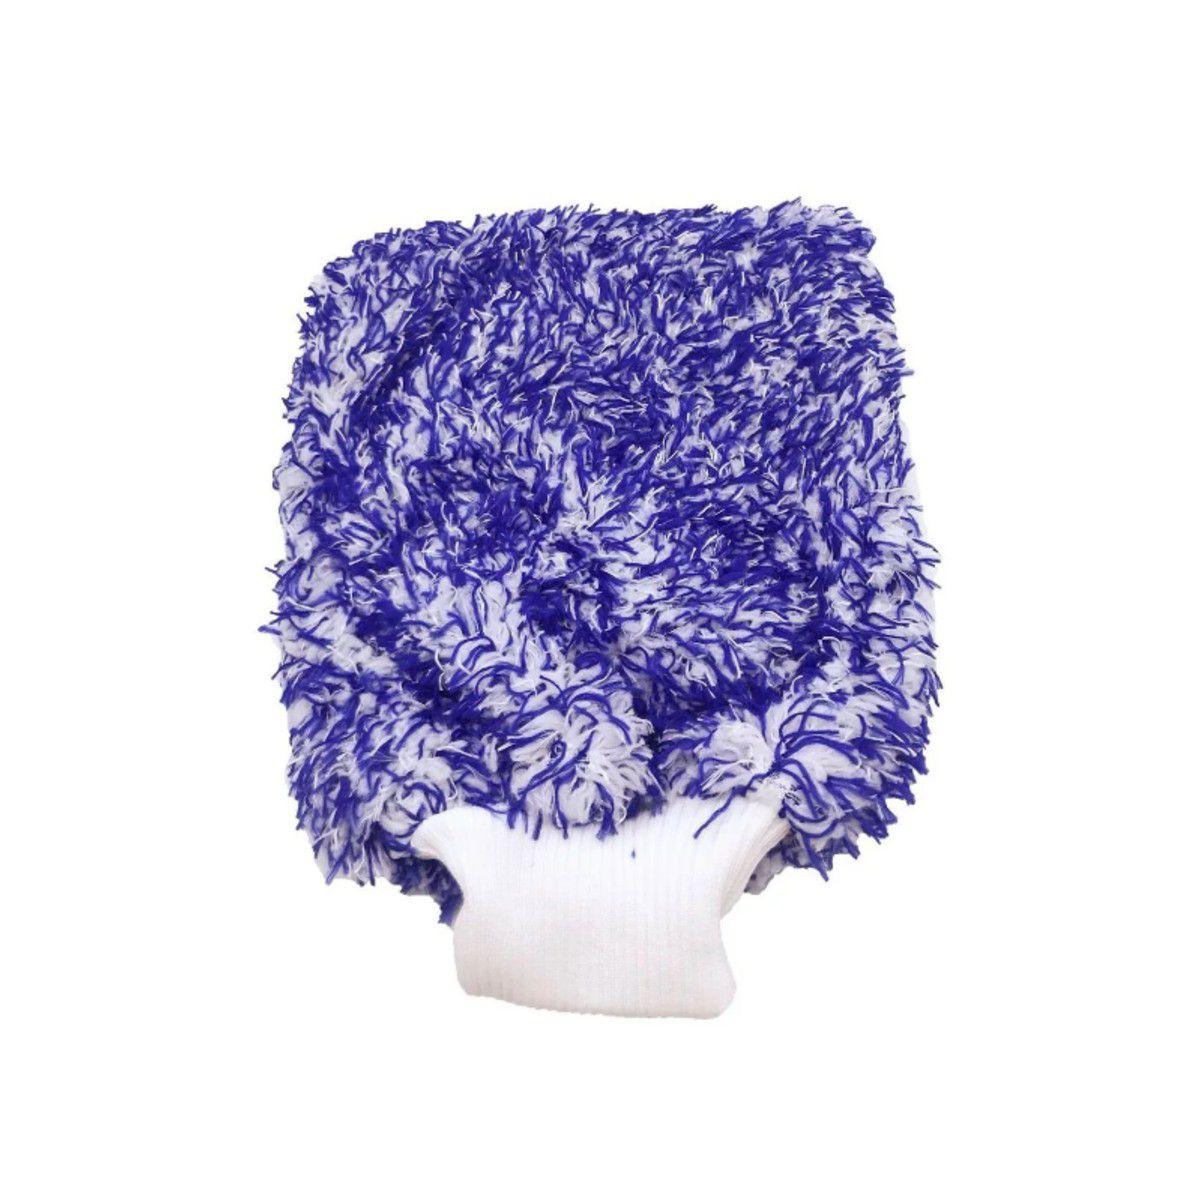 Balde Separador De Partícula + Luva De Microfibra Tornado Azul